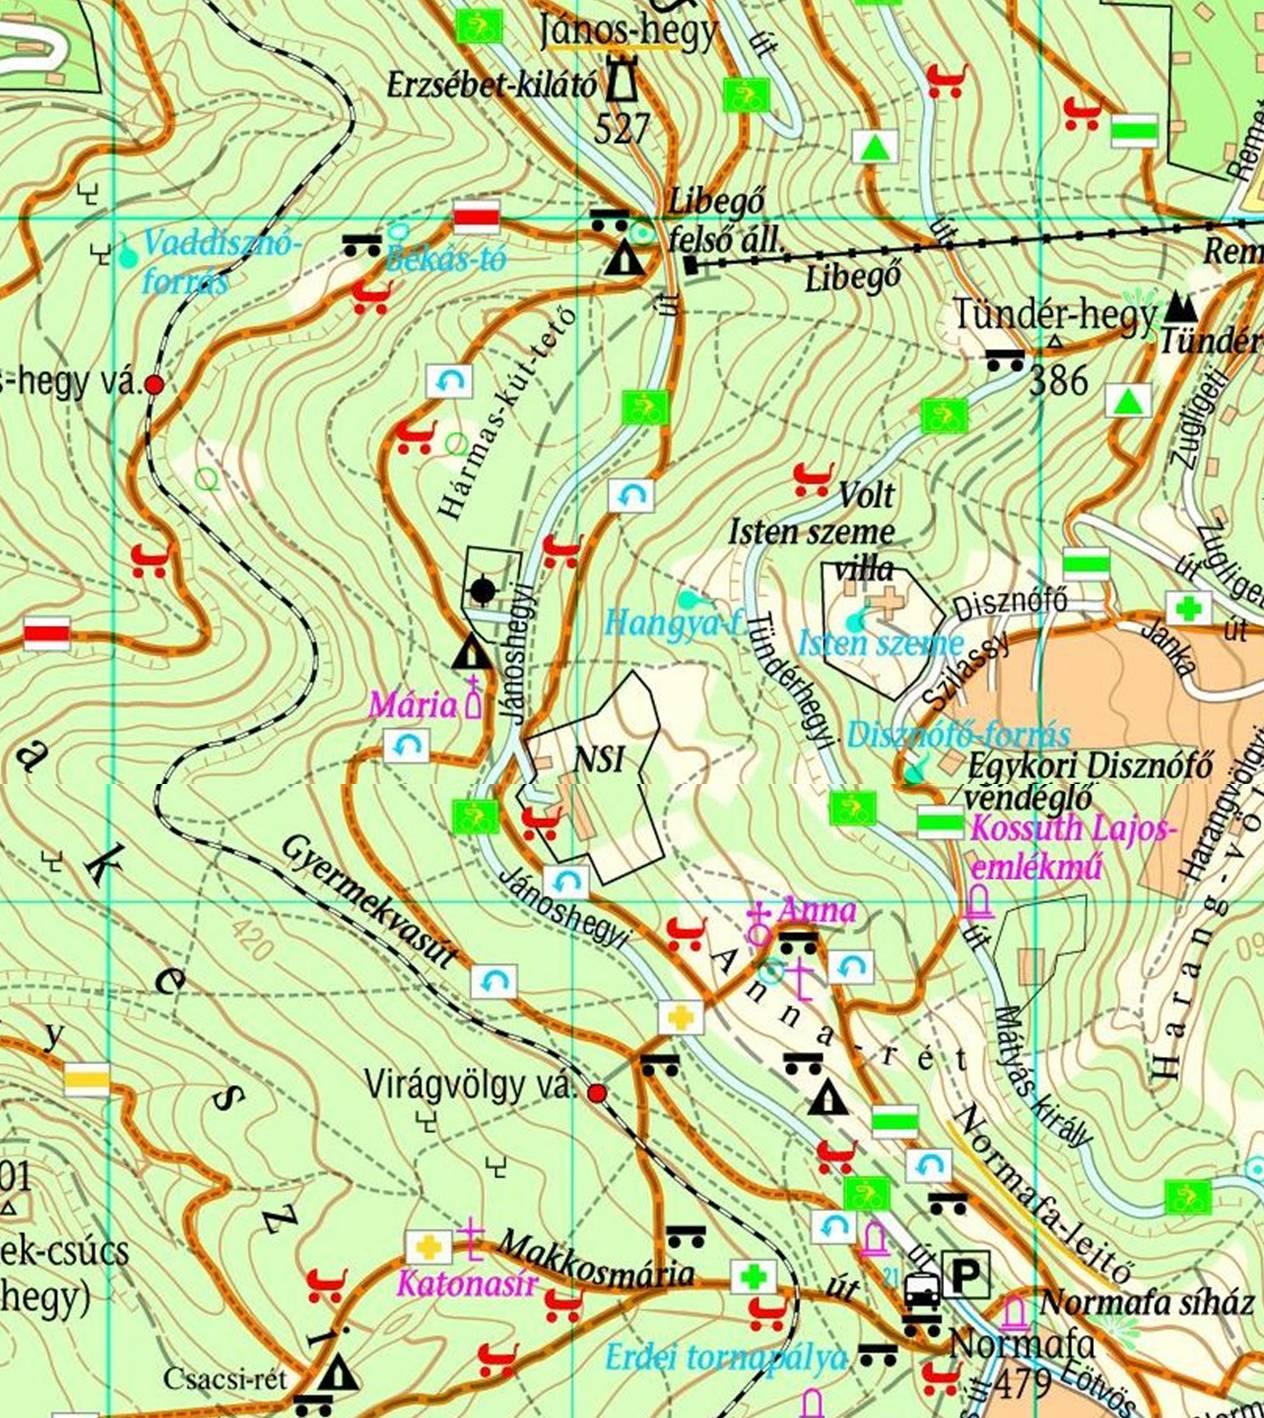 budapest normafa térkép Normafa   János hegy körséta (Budai hg.)   terepgyerek budapest normafa térkép